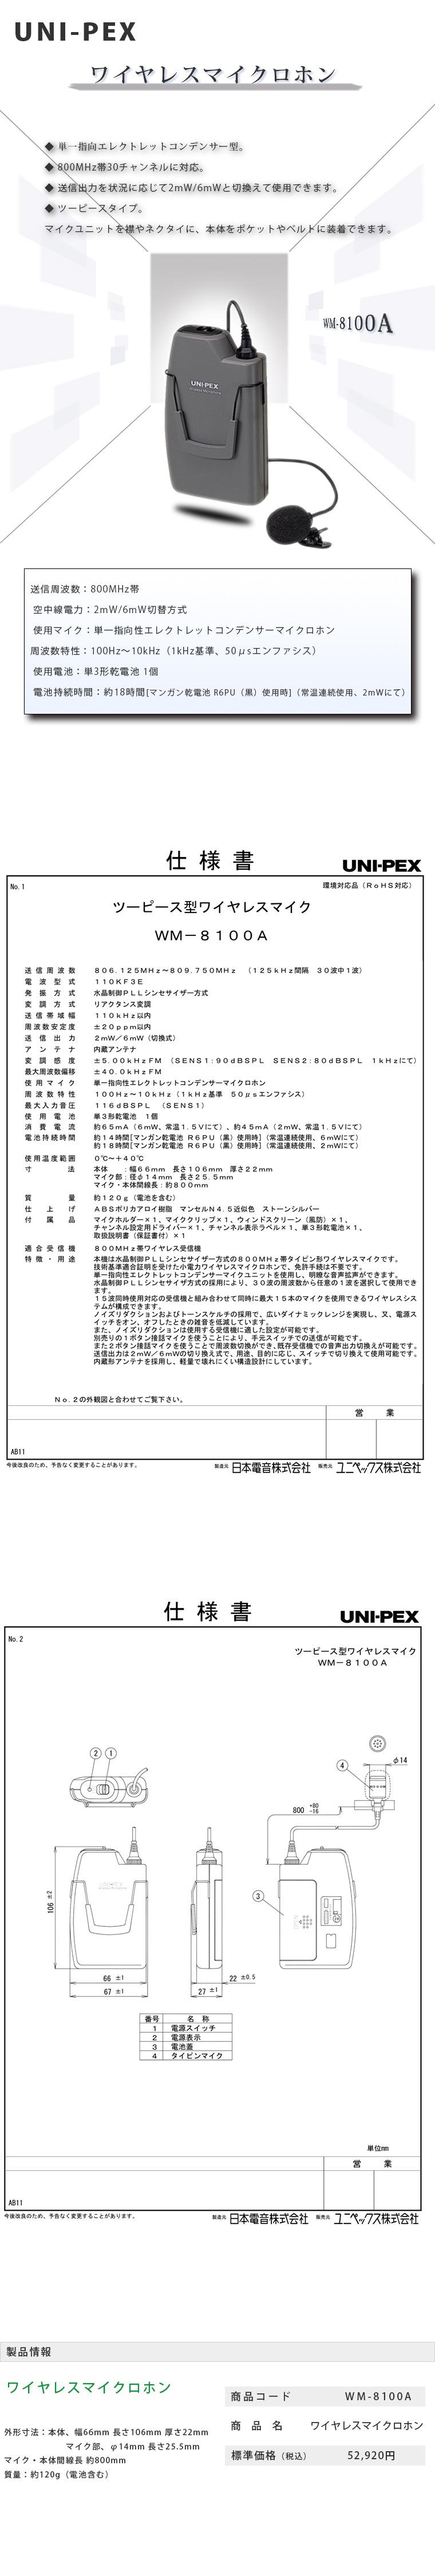 WM-8100A